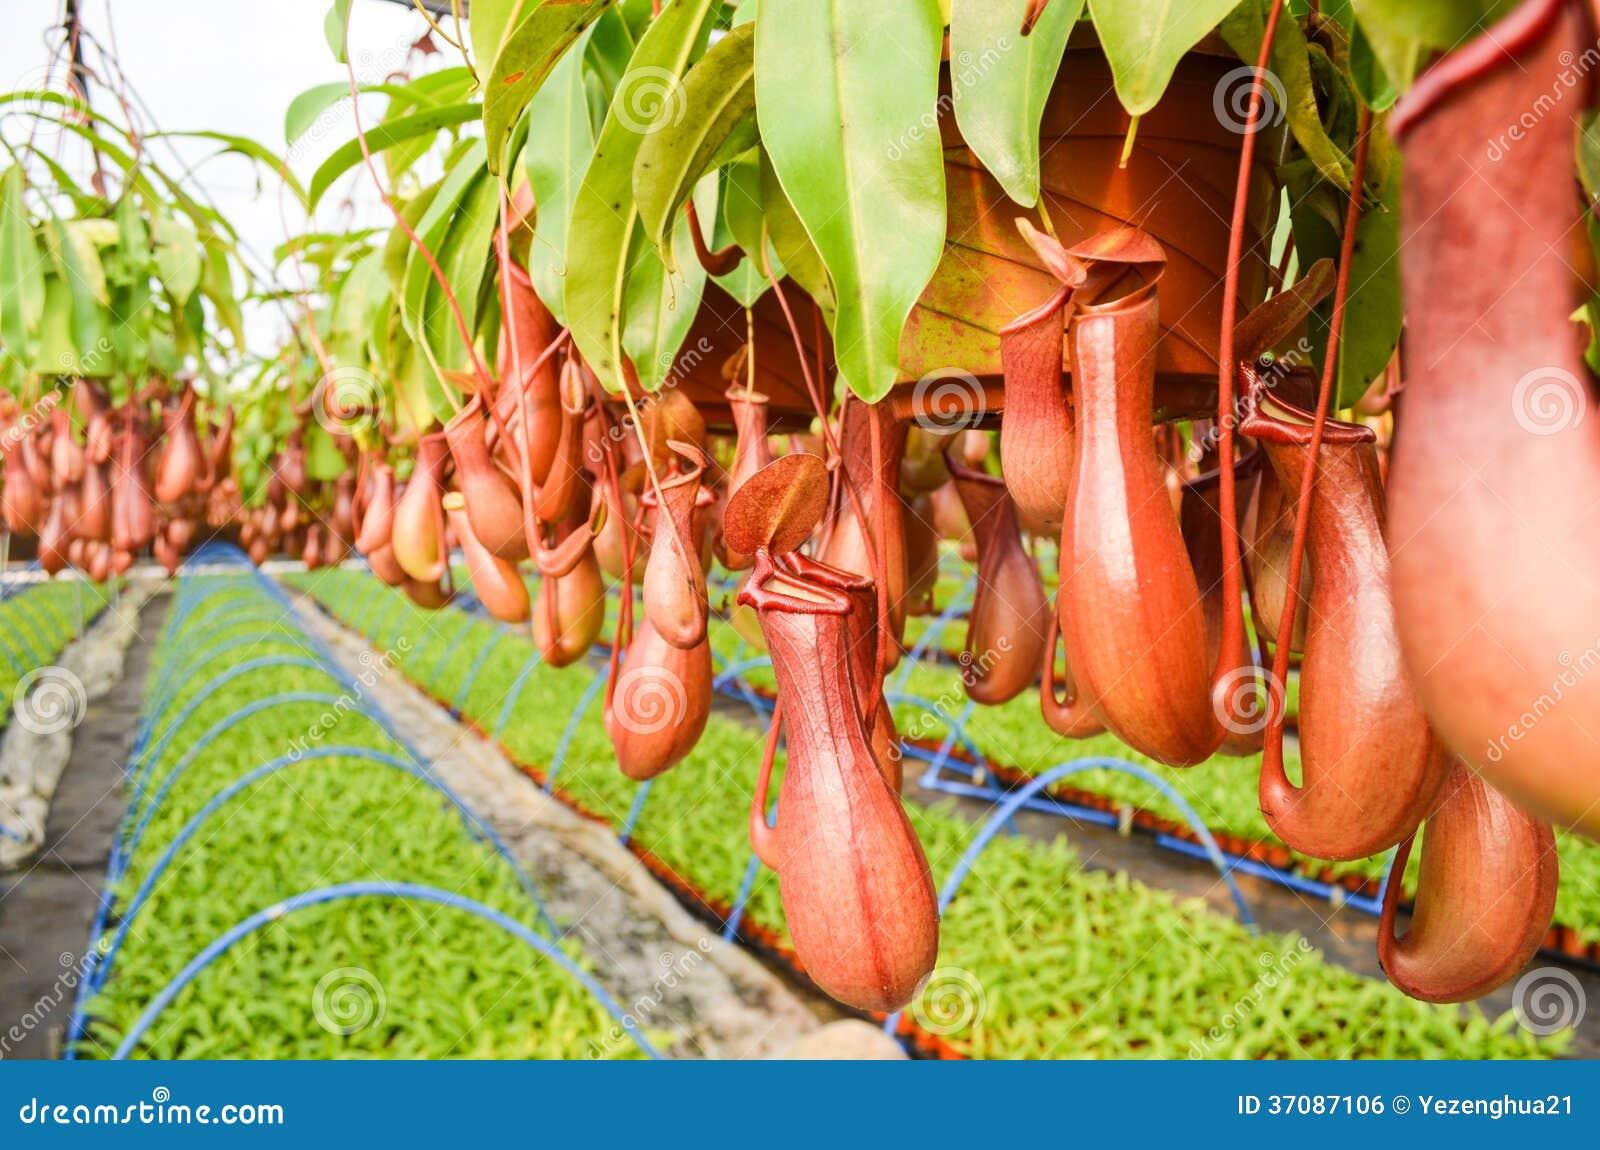 Download Miotacz rośliny w szklarni zdjęcie stock. Obraz złożonej z charcica - 37087106